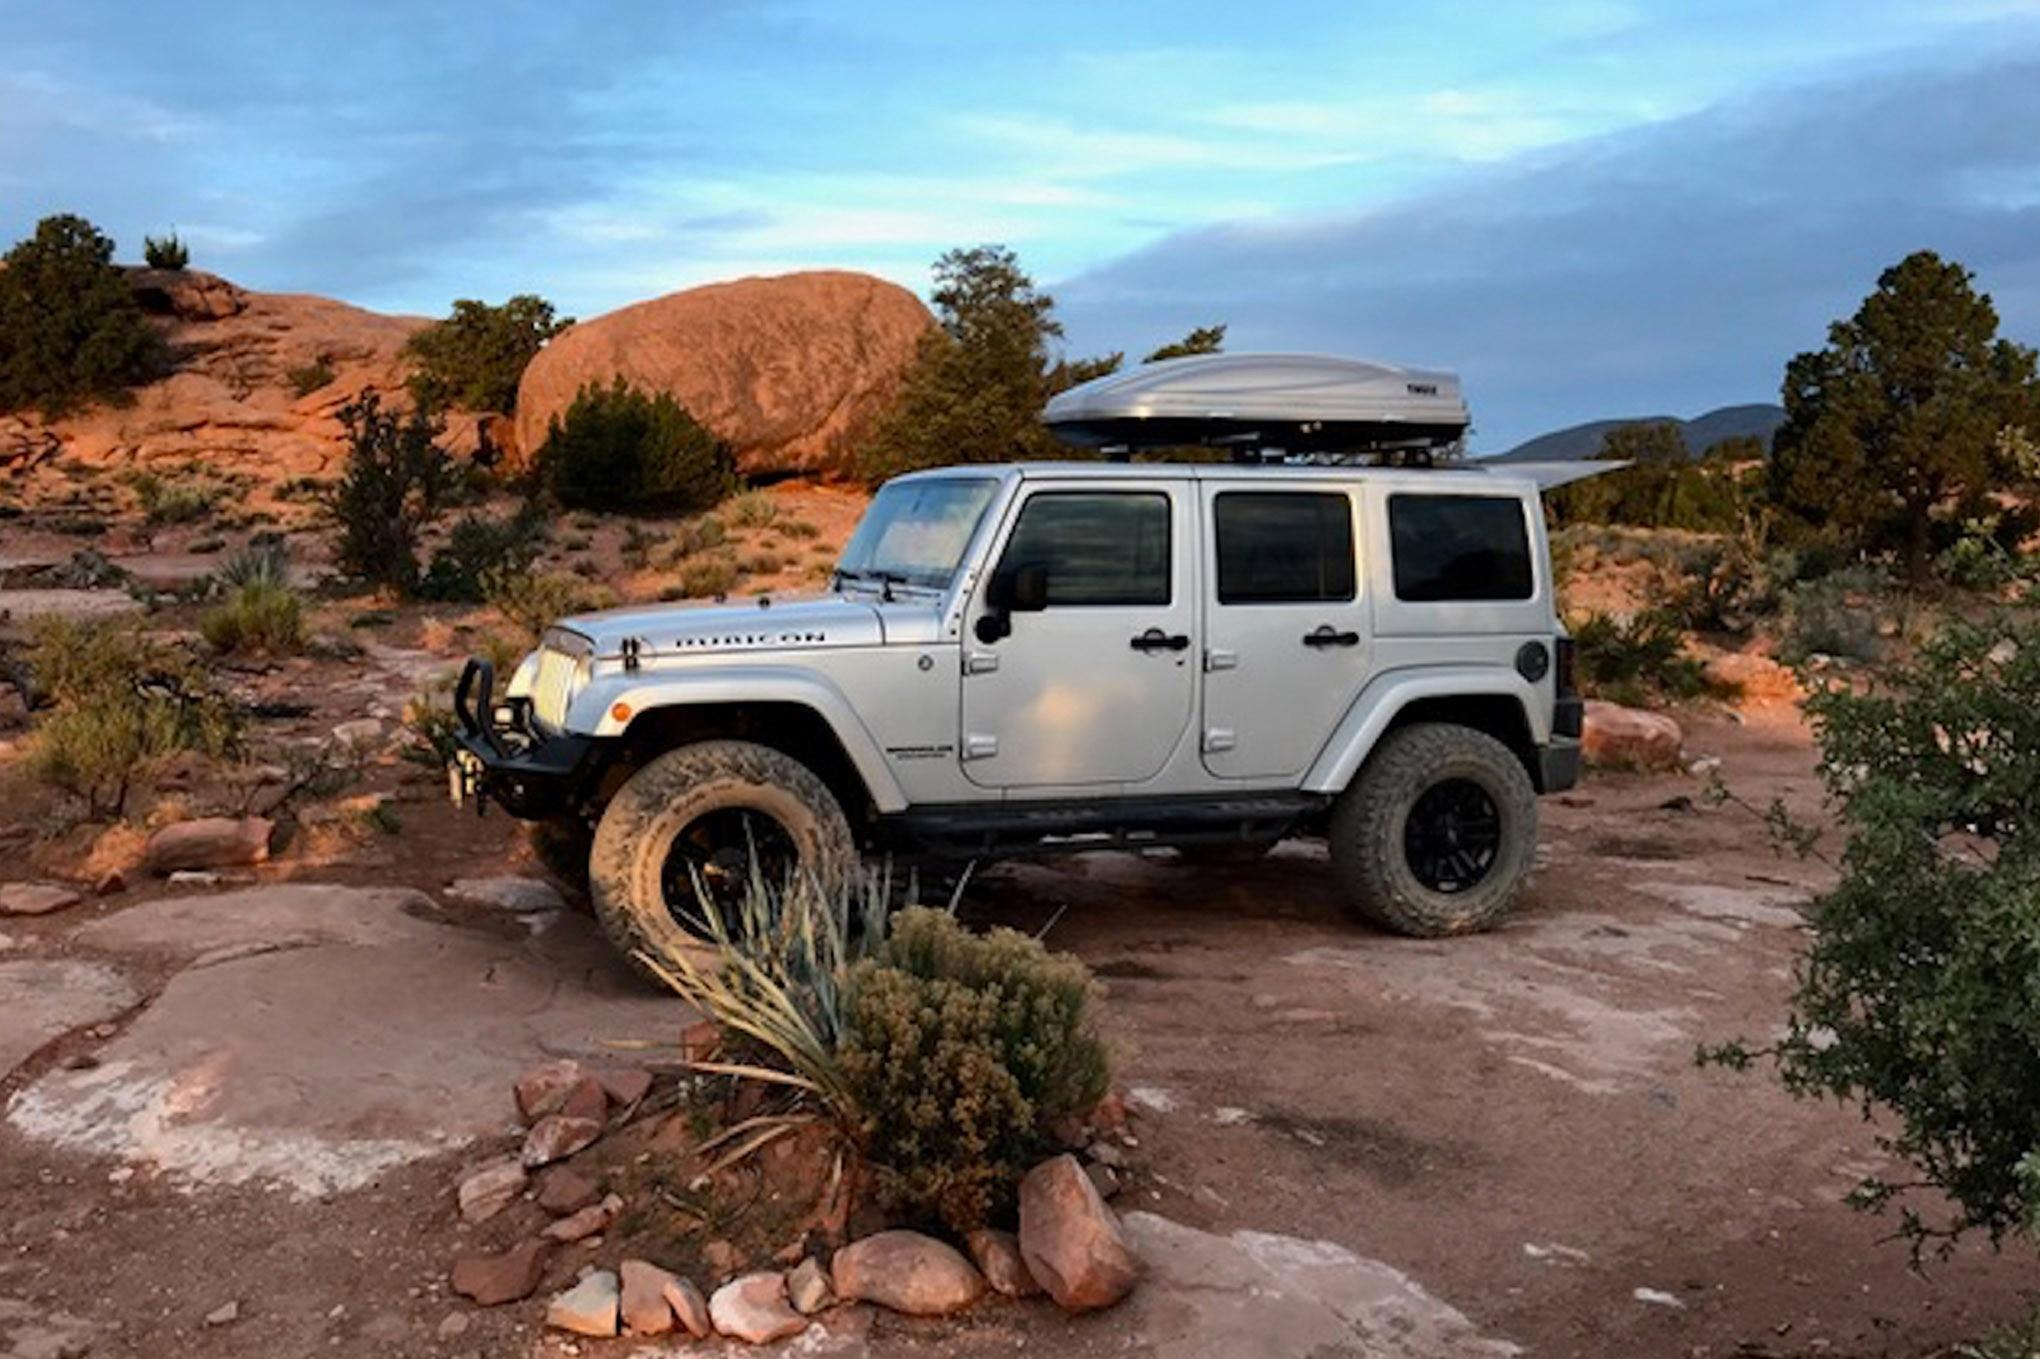 003 jeep reader rides sideways 2012 rubicon thomas potter